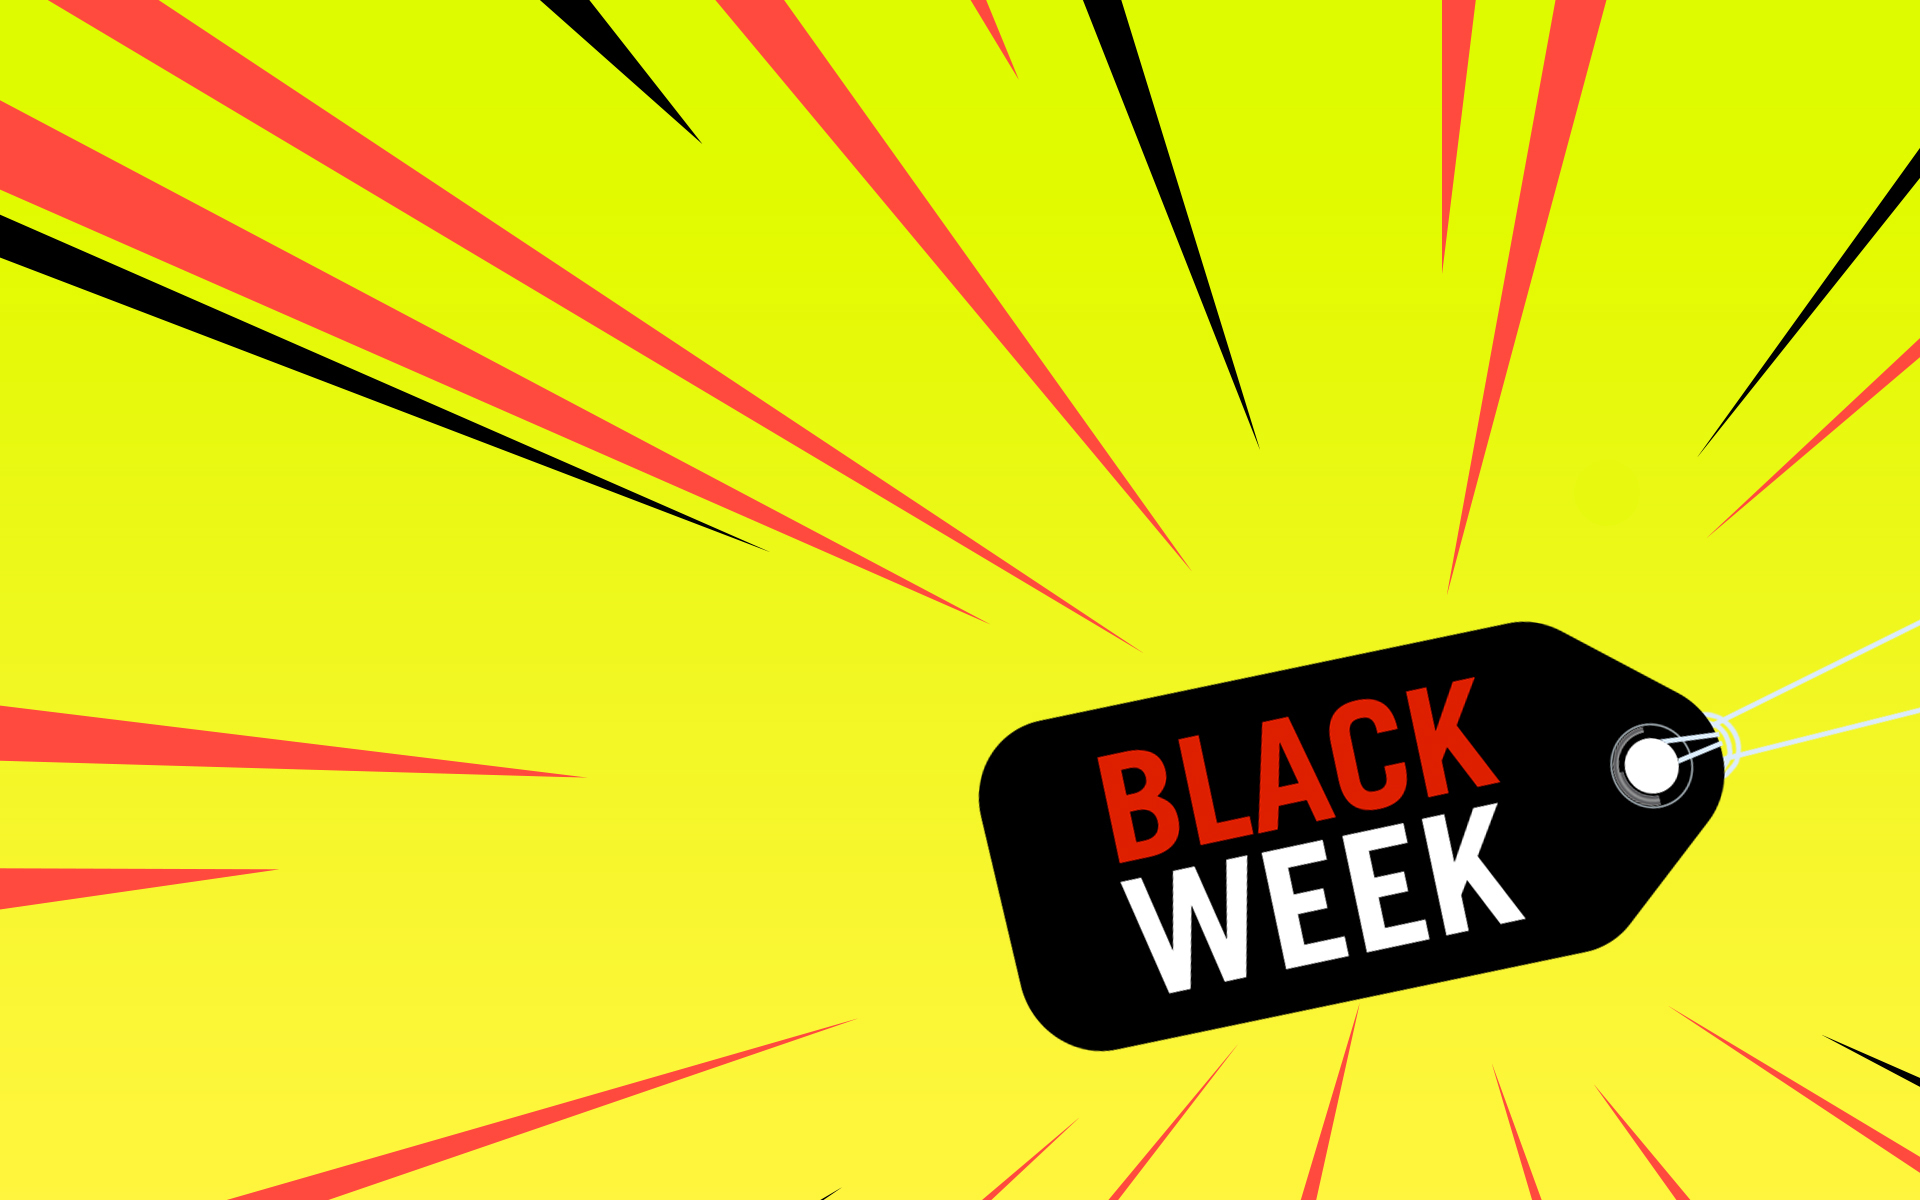 Black Week 1